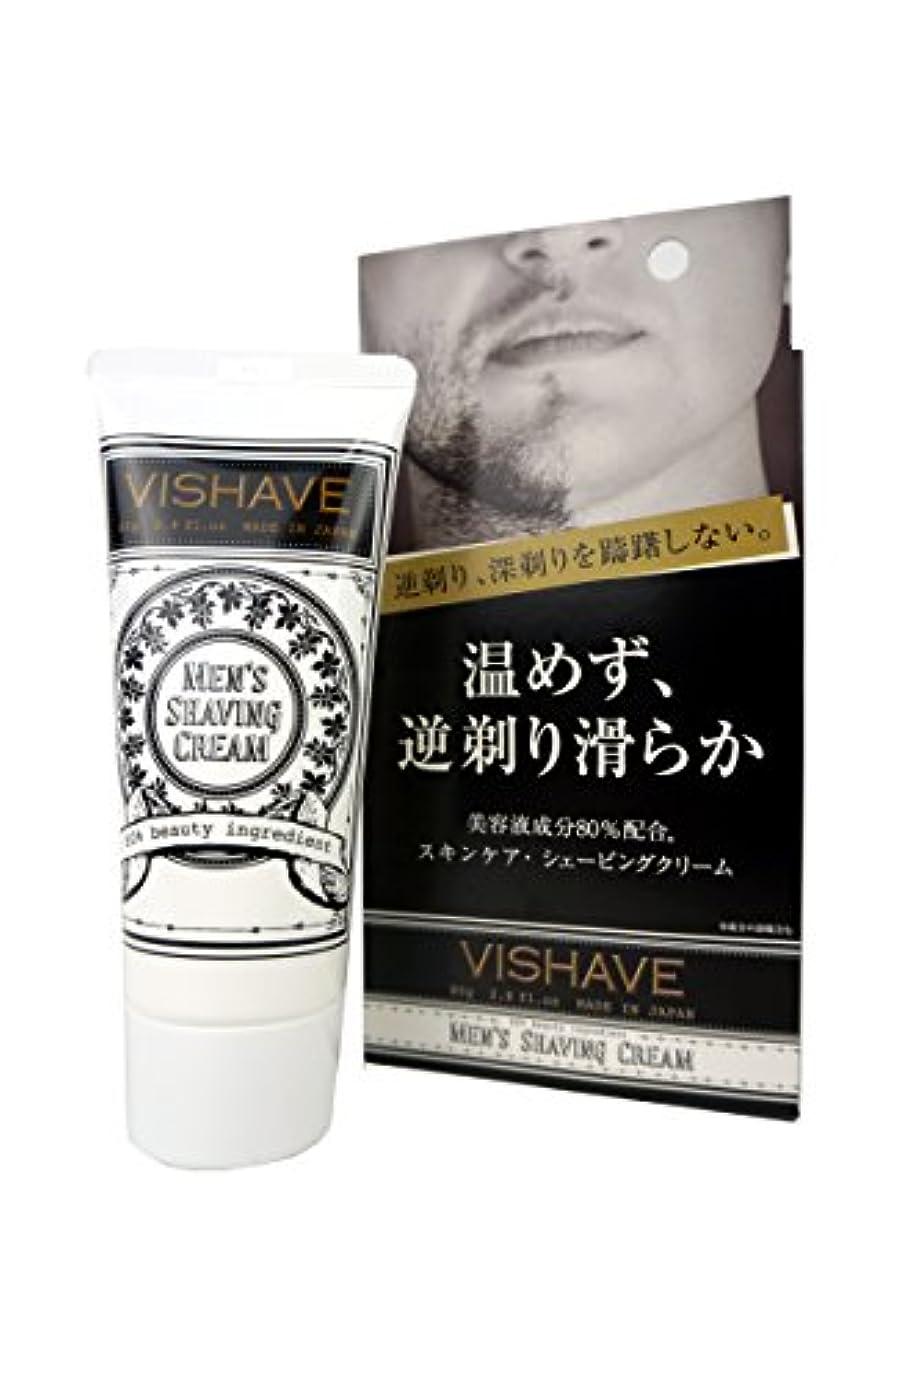 インデックス適度な暴露するヴィシェーブ 逆剃り対応シェービングクリーム&アフターシェーブ